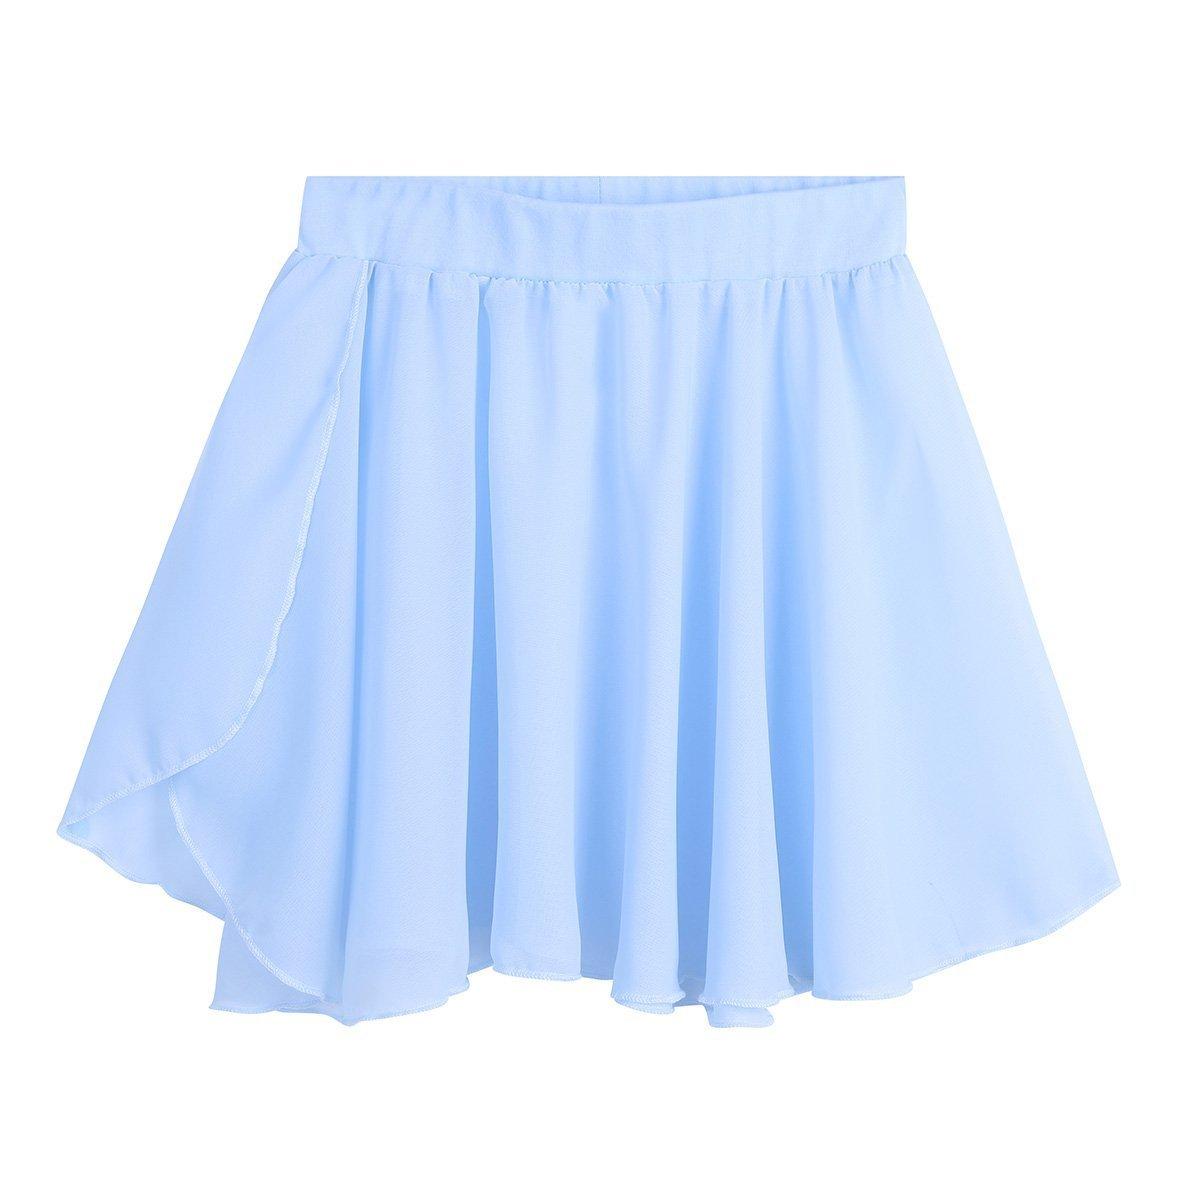 Agoky Kids Girls Classic Dance Basic Chiffon Pleated Short Tutu Skirt Pull On Warp Dance Wear